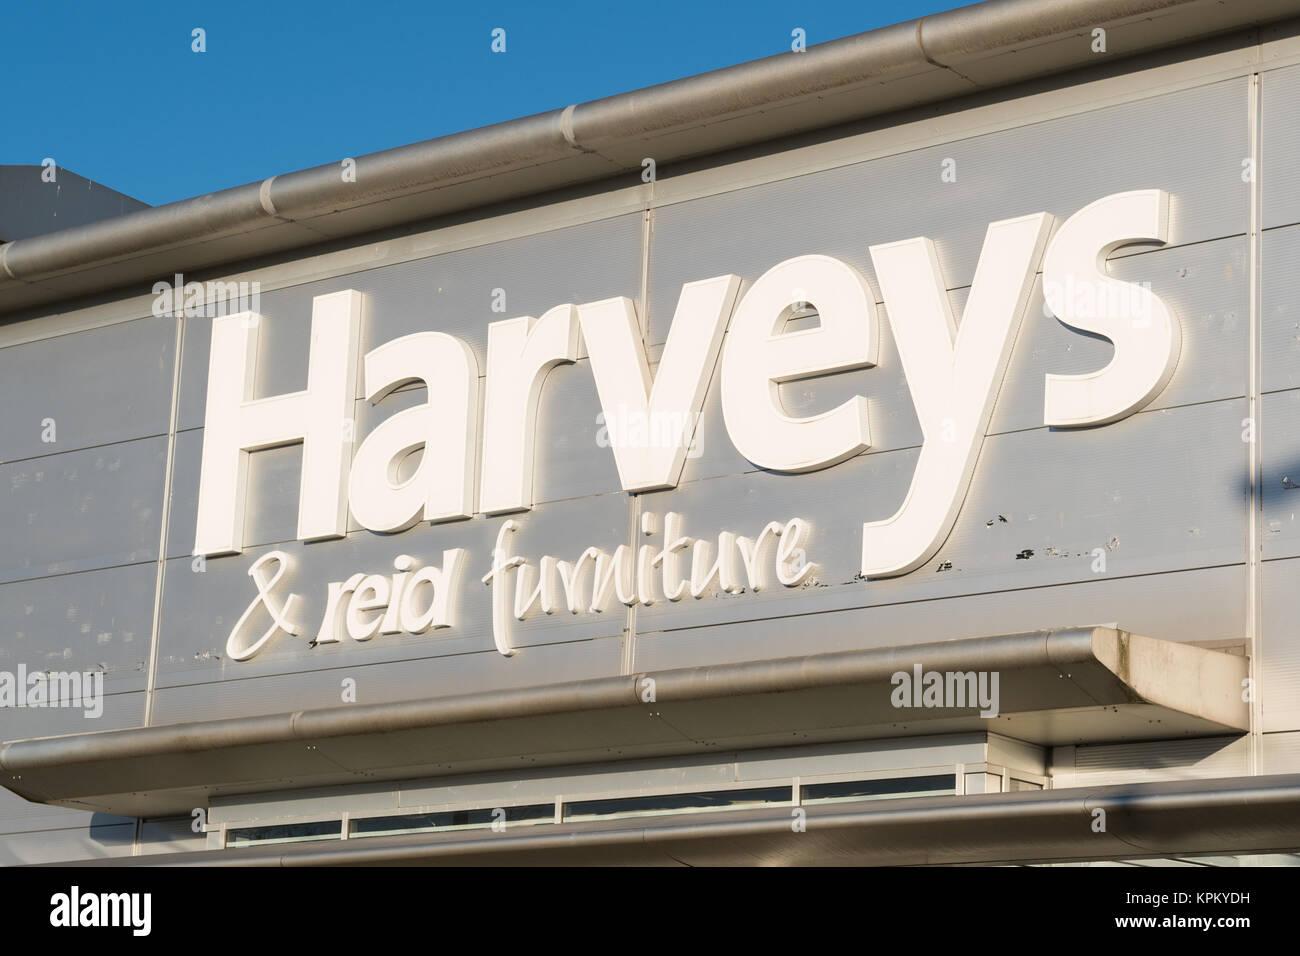 Harveys & Reid negozio di arredamento, Braehead, Glasgow, Scotland, Regno Unito Immagini Stock